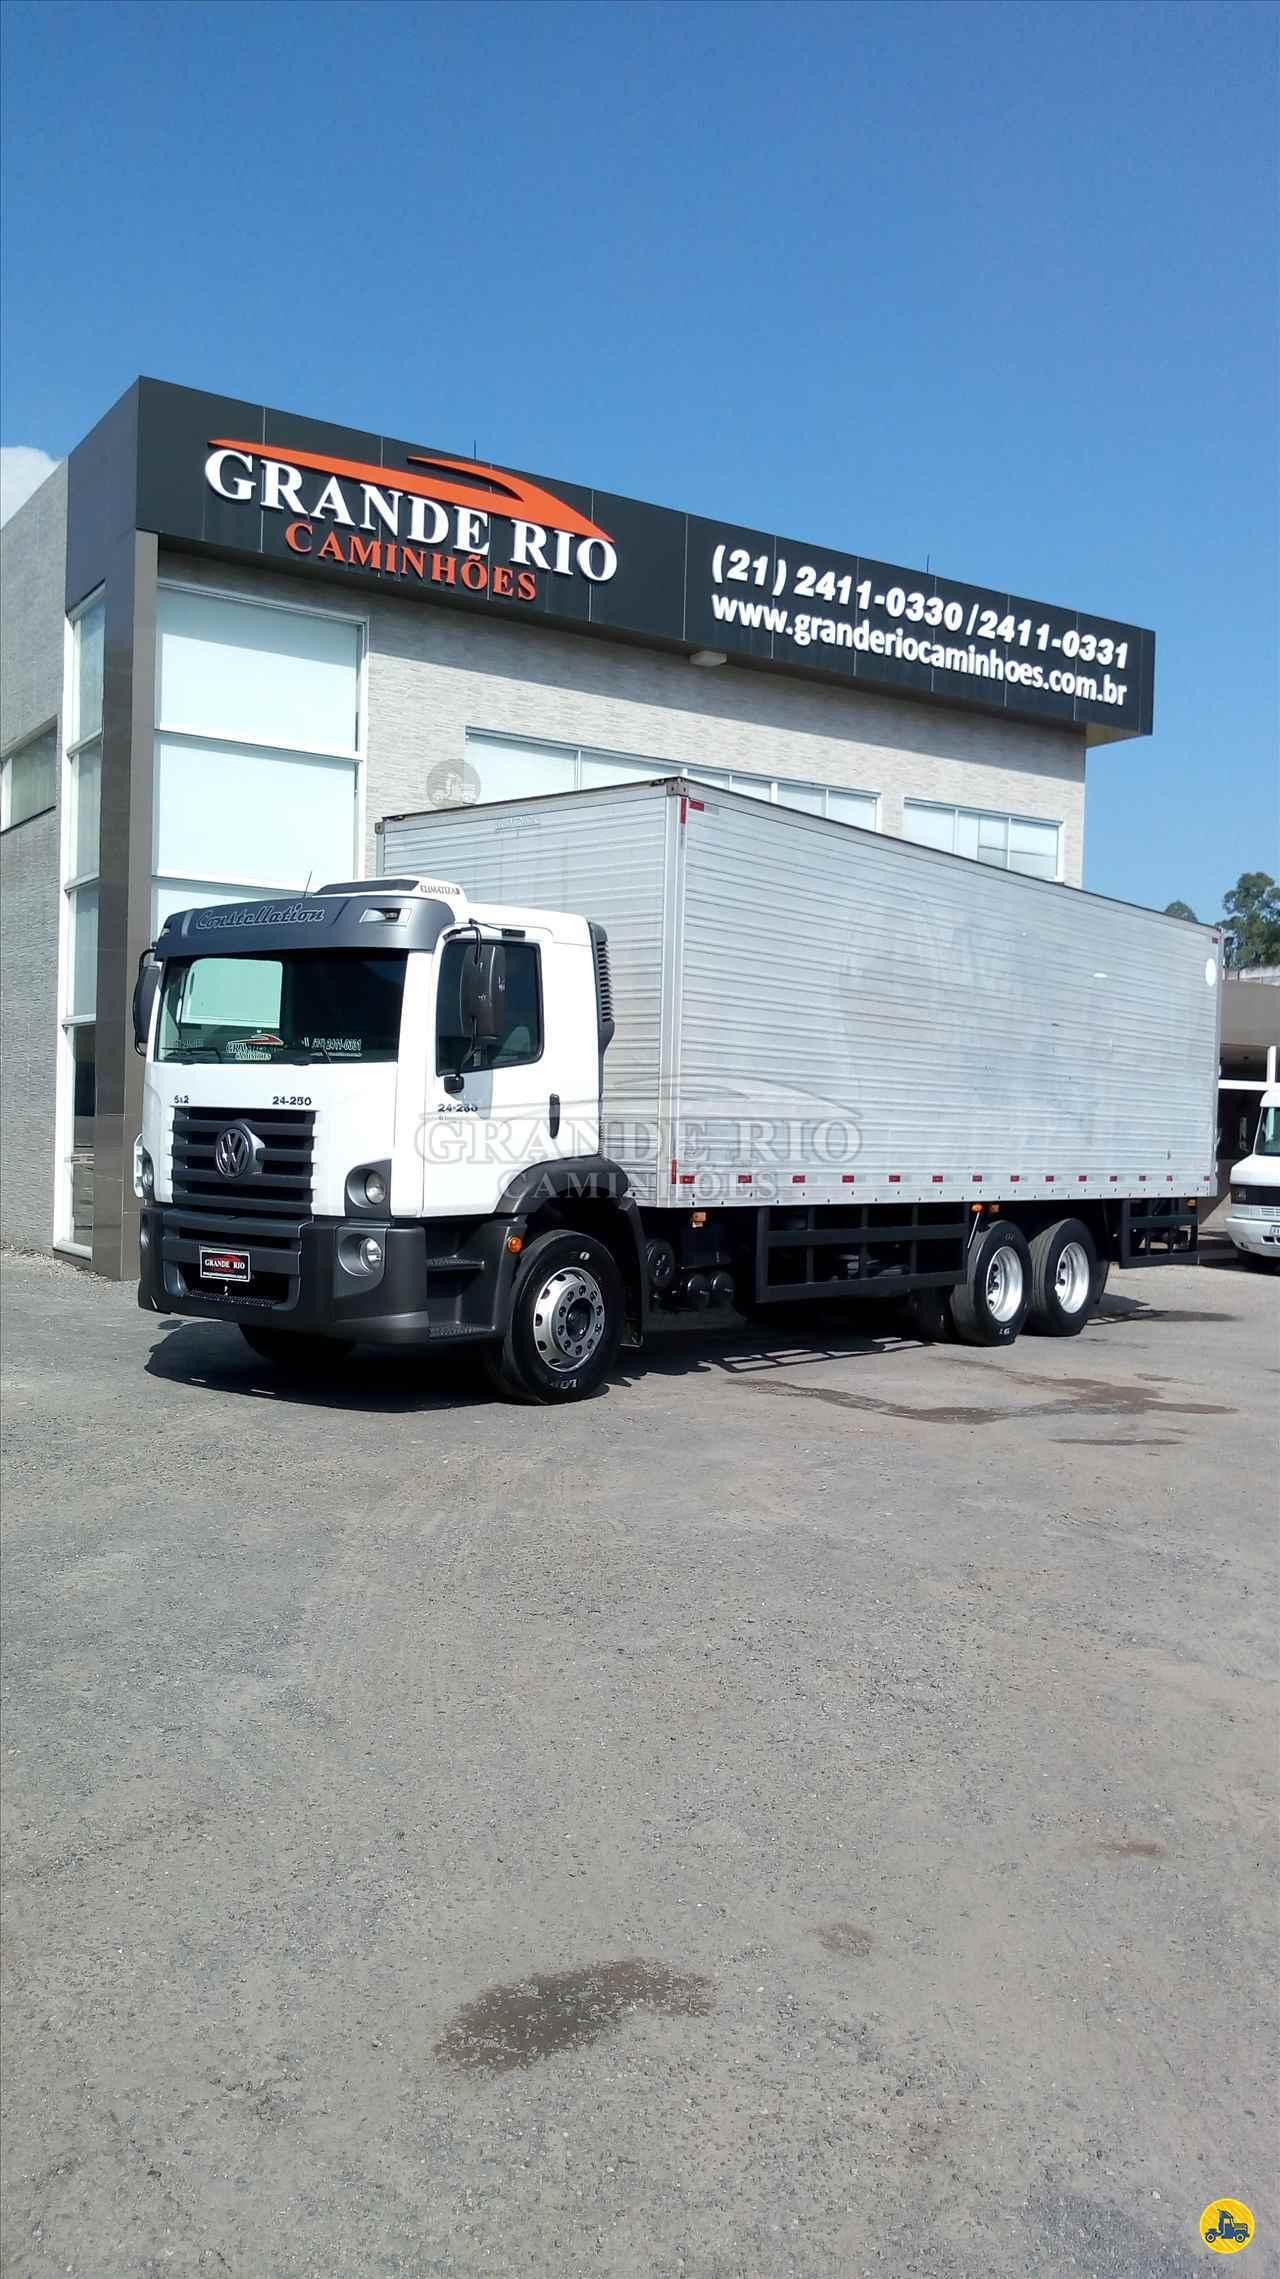 CAMINHAO VOLKSWAGEN VW 24250 Baú Furgão Truck 6x2 Grande Rio Caminhões RIO DE JANEIRO RIO DE JANEIRO RJ